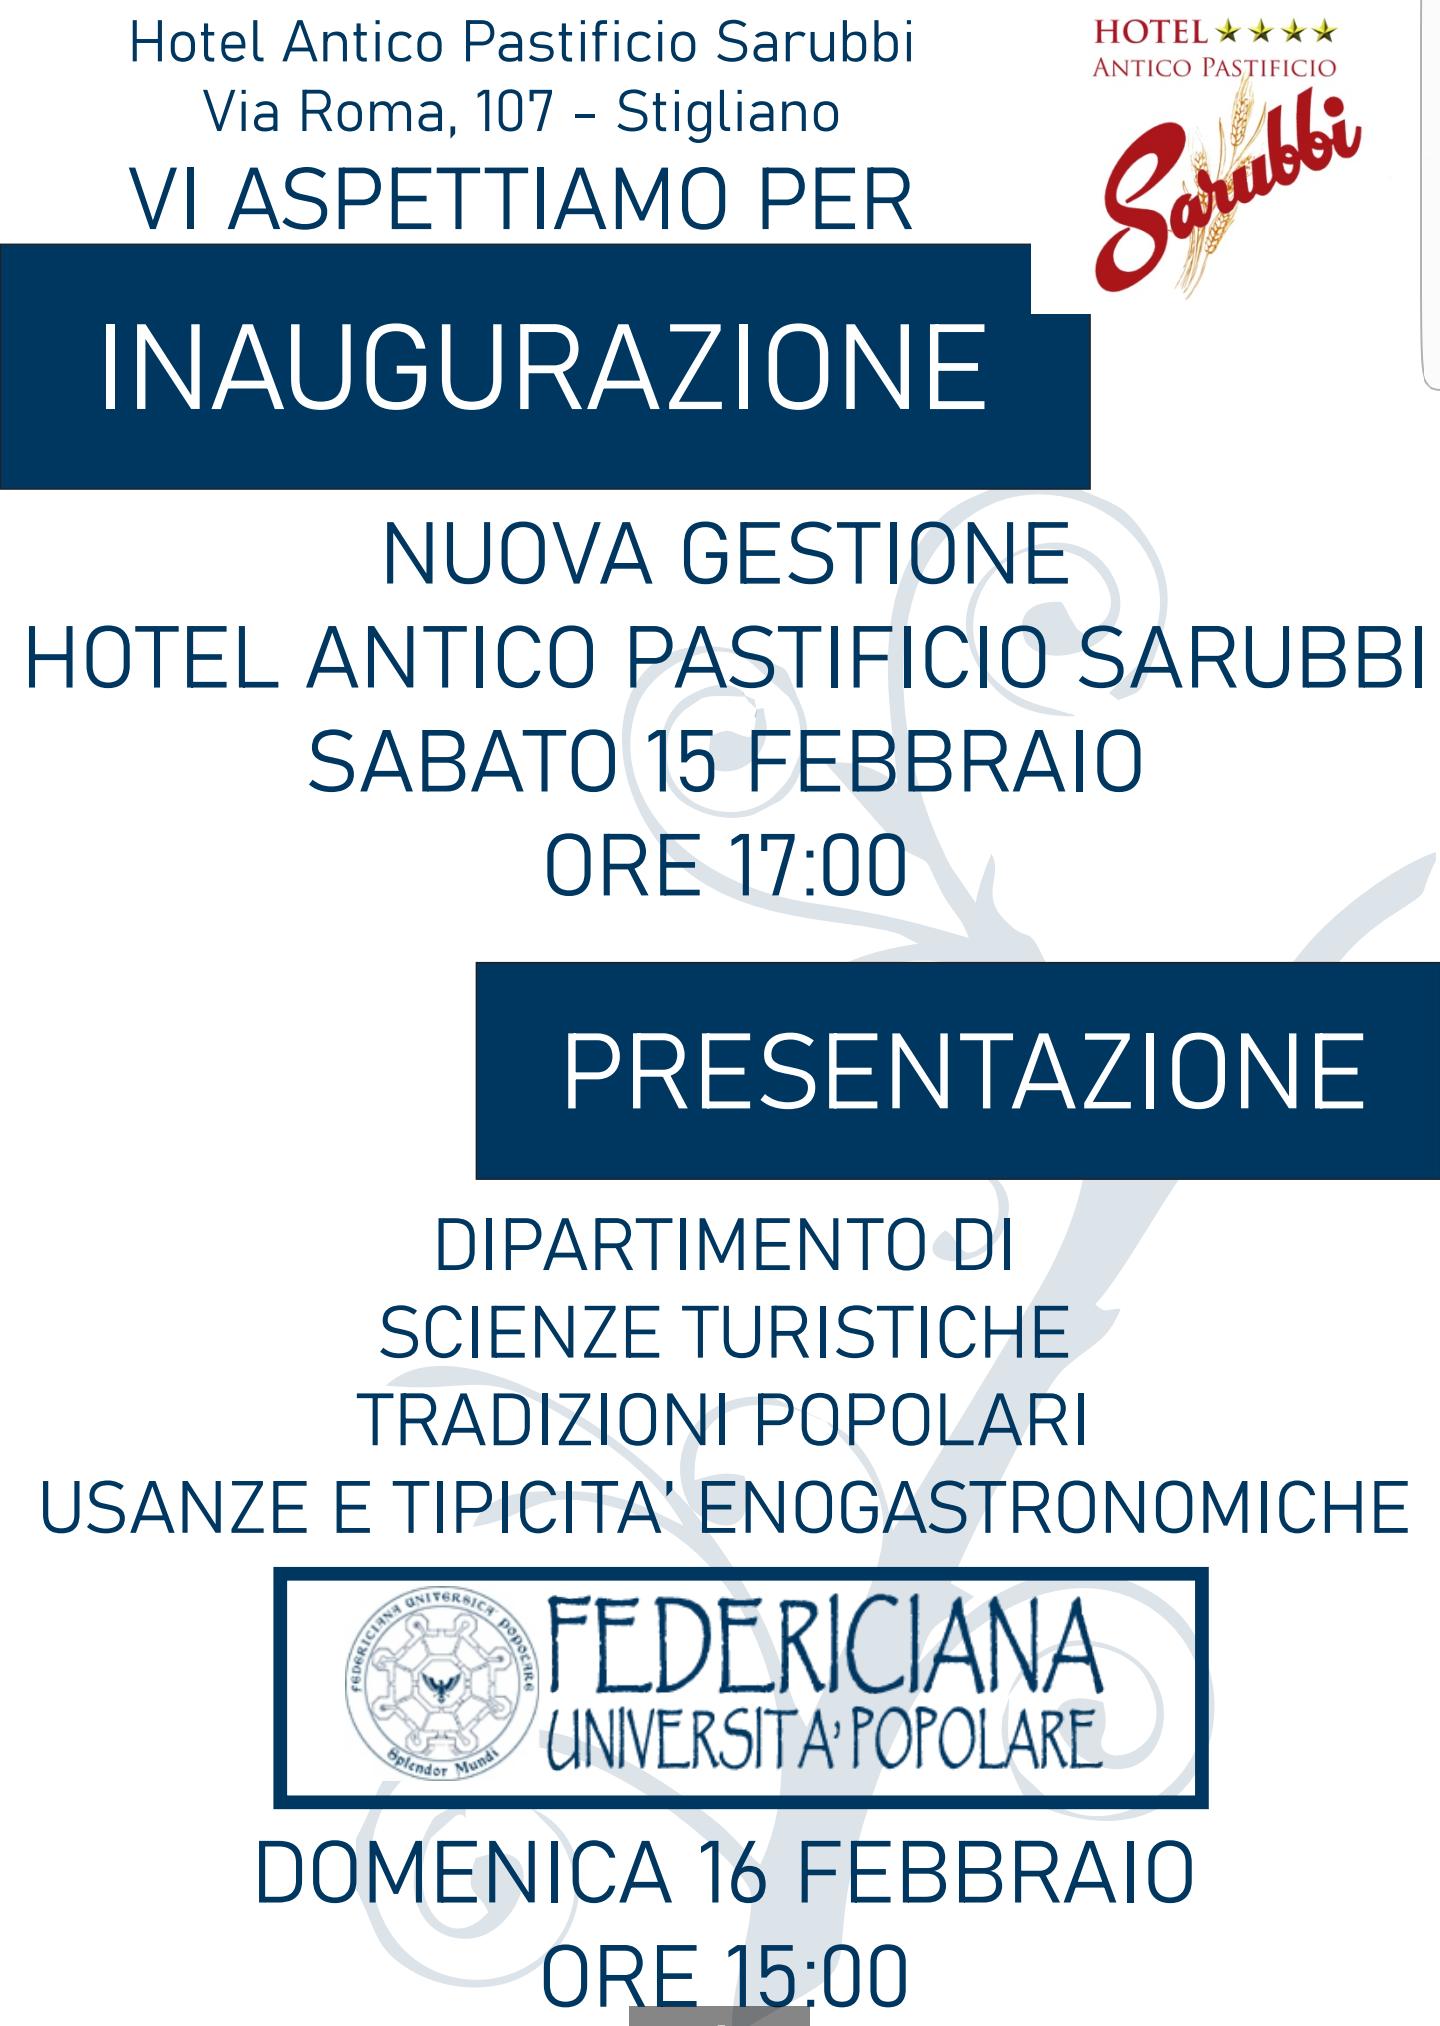 Presentazione Dipartimento di Scienze Turistiche, Tradizioni Popolari, Usanze e Tipicità Enogastronomiche | Stigliano (MT) 15.02.2020